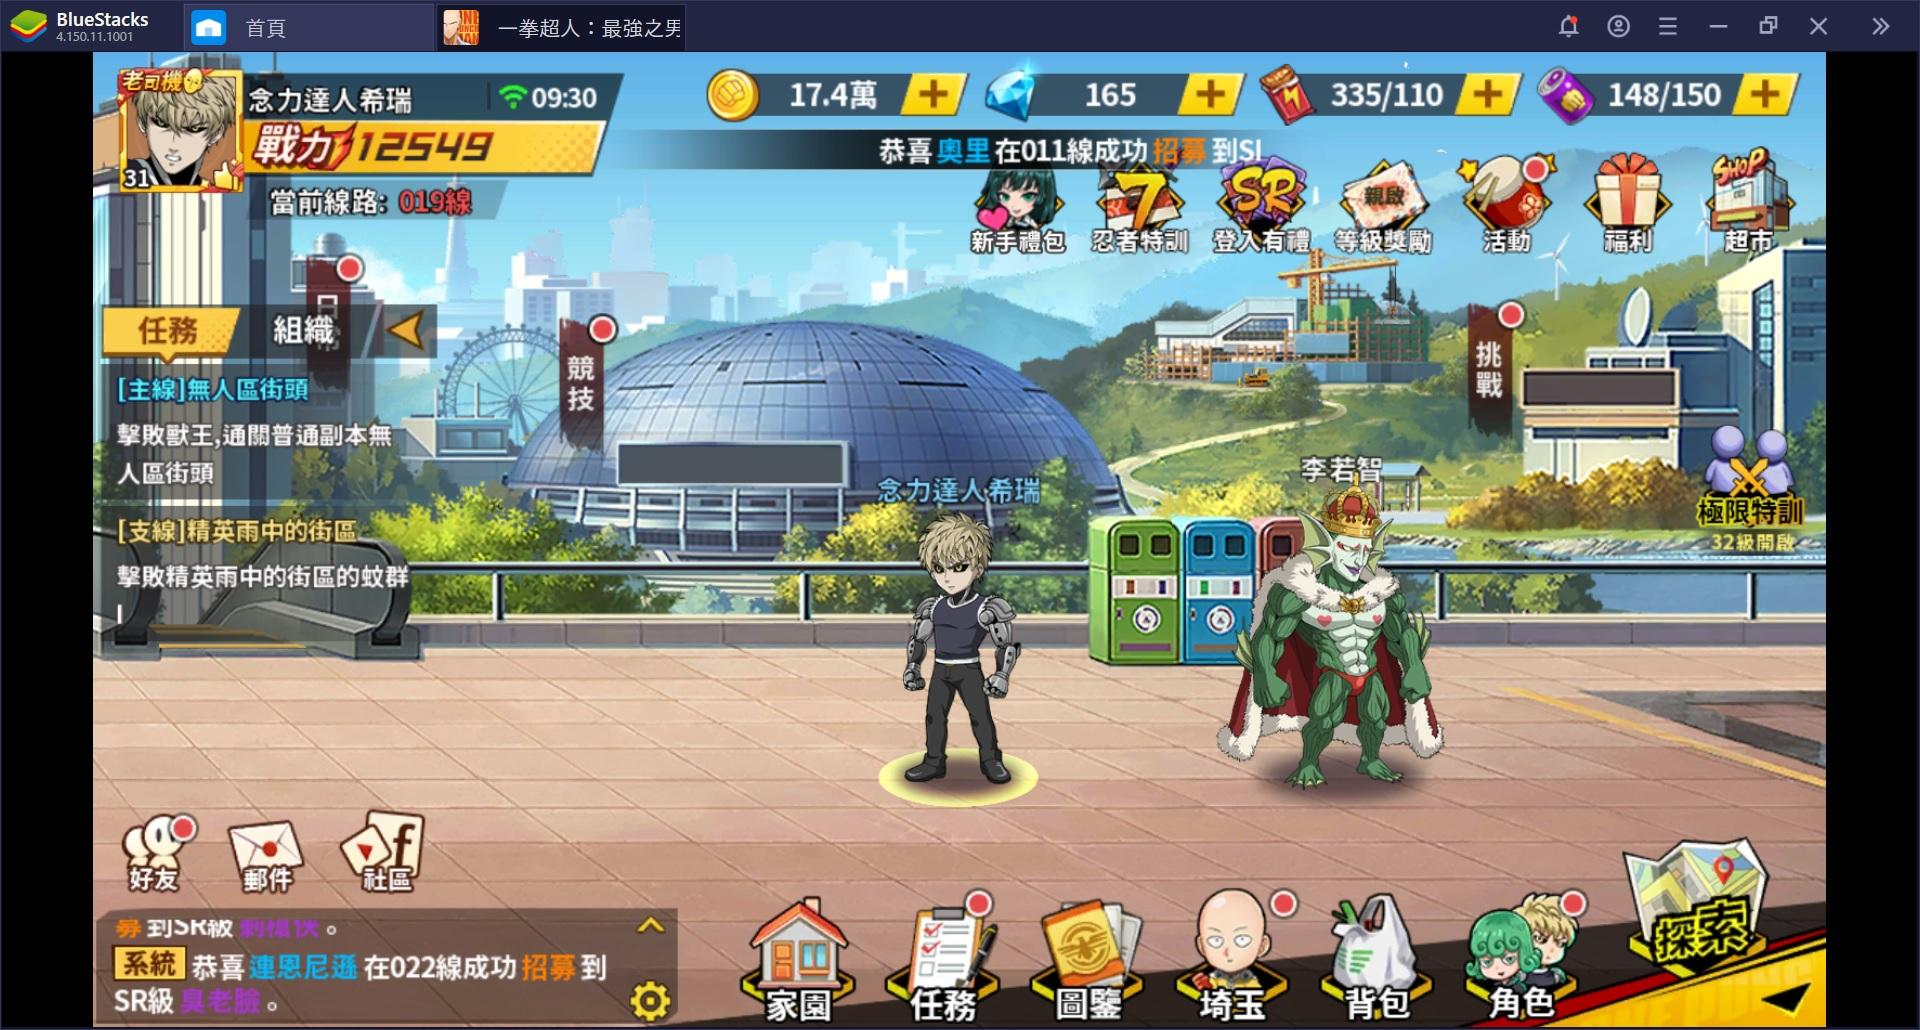 使用BlueStacks在電腦上體驗超人氣英雄養成回合制策略RPG《一拳超人:最強之男》